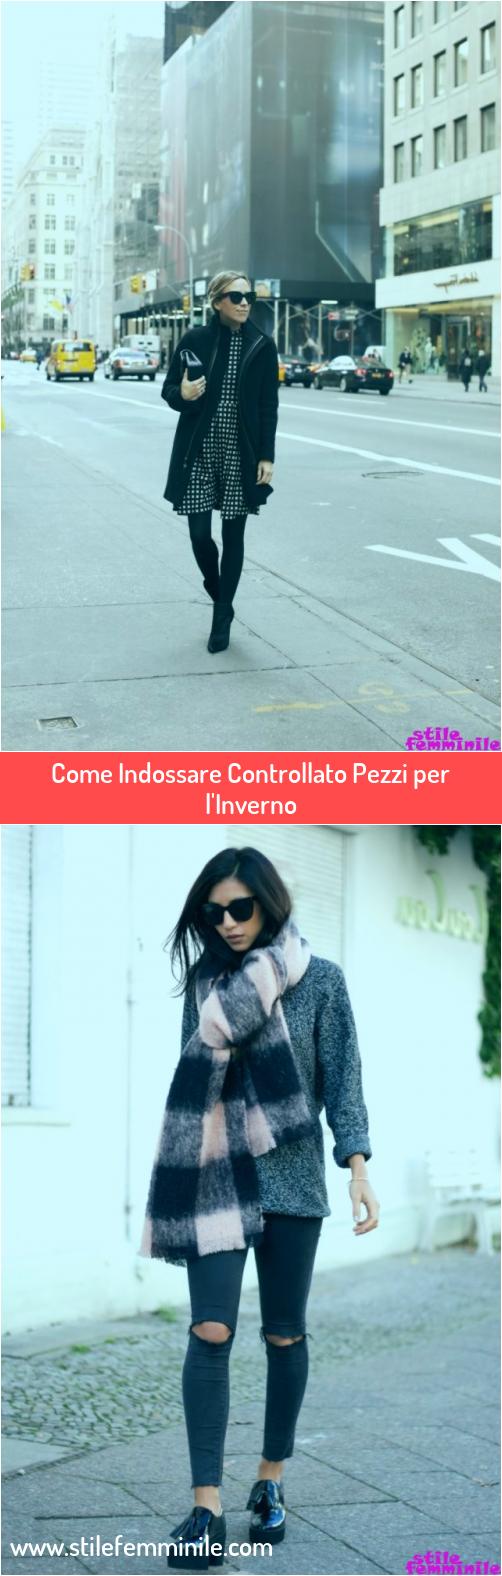 Photo of Come Indossare Controllato Pezzi per l'Inverno